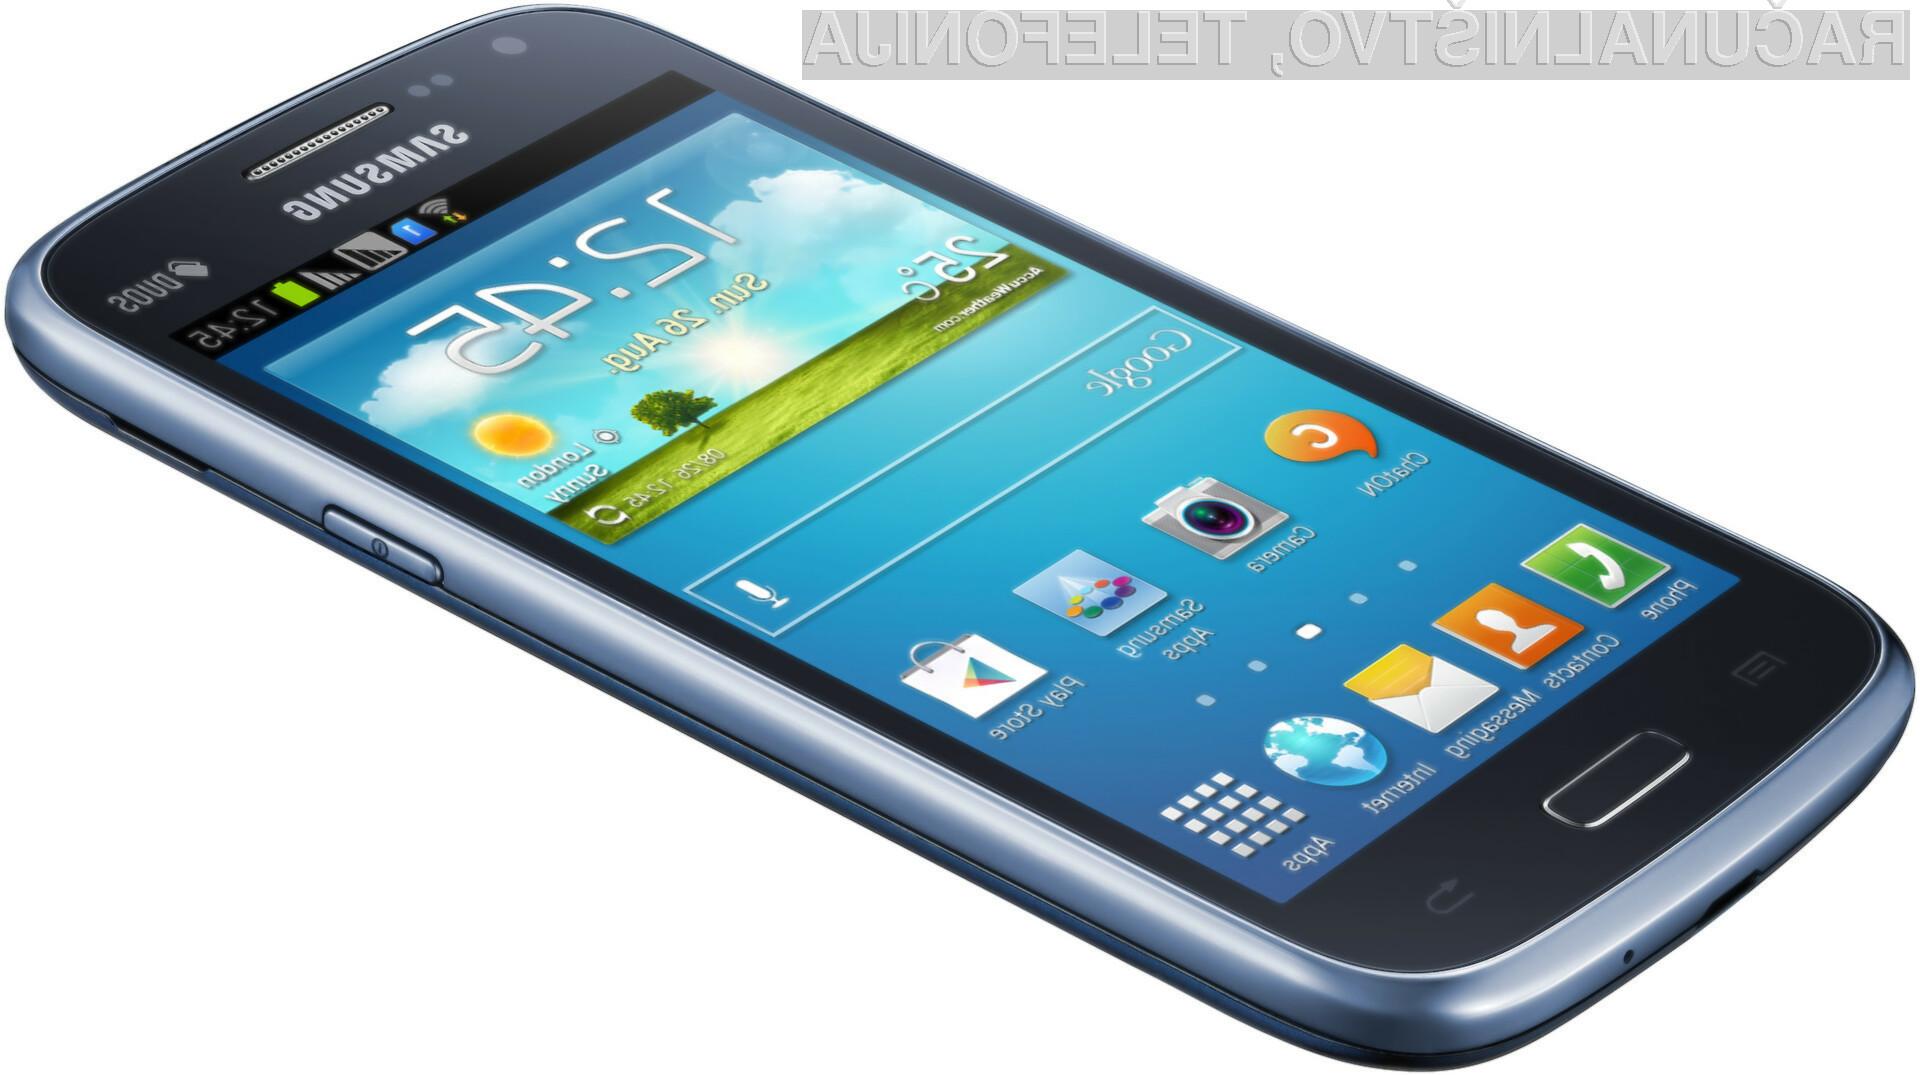 Podarjamo vam čisto novi pametni telefon Samsung Galaxy Core Duos.